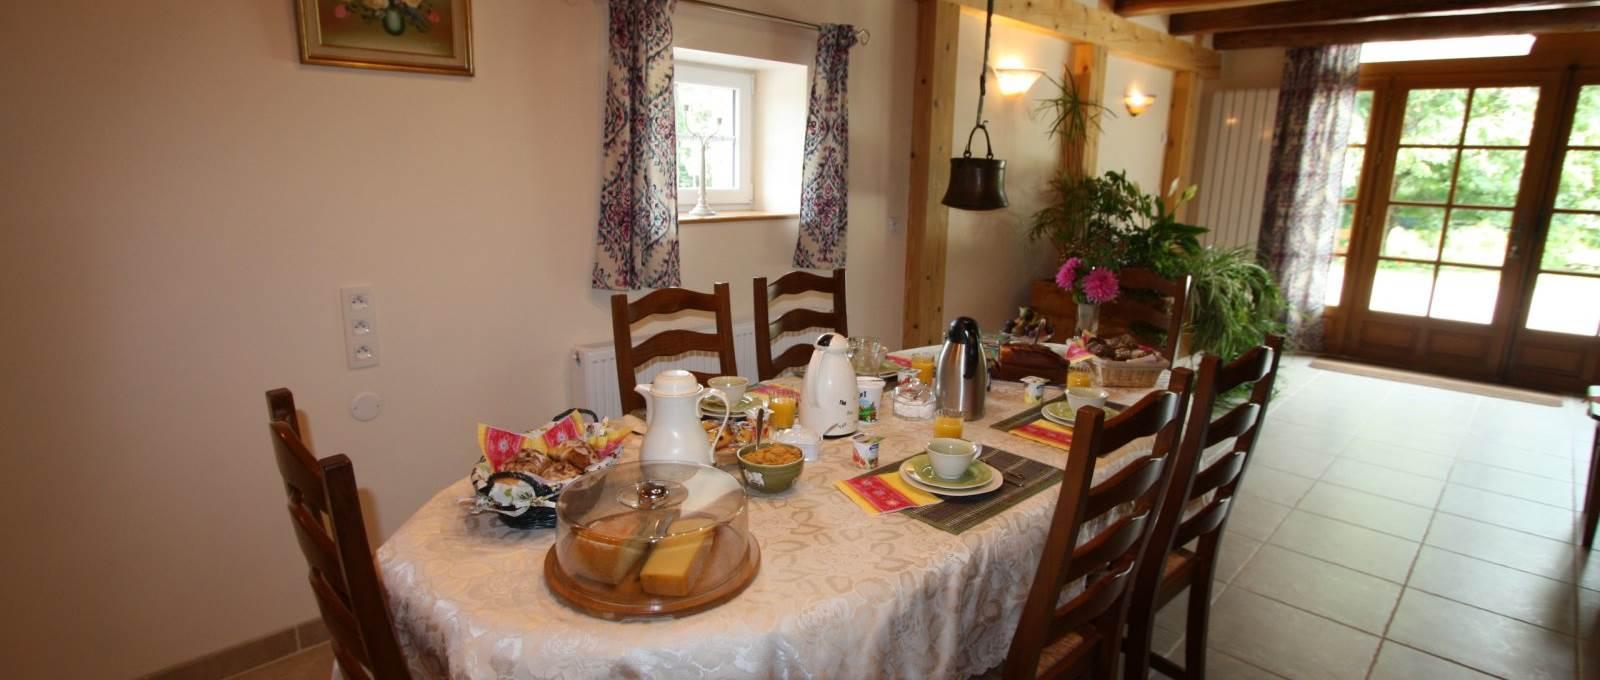 Salle du petit déjeuner à La landre la Vôge les Bains, Bains les Bains, le Clerjus, Vosges